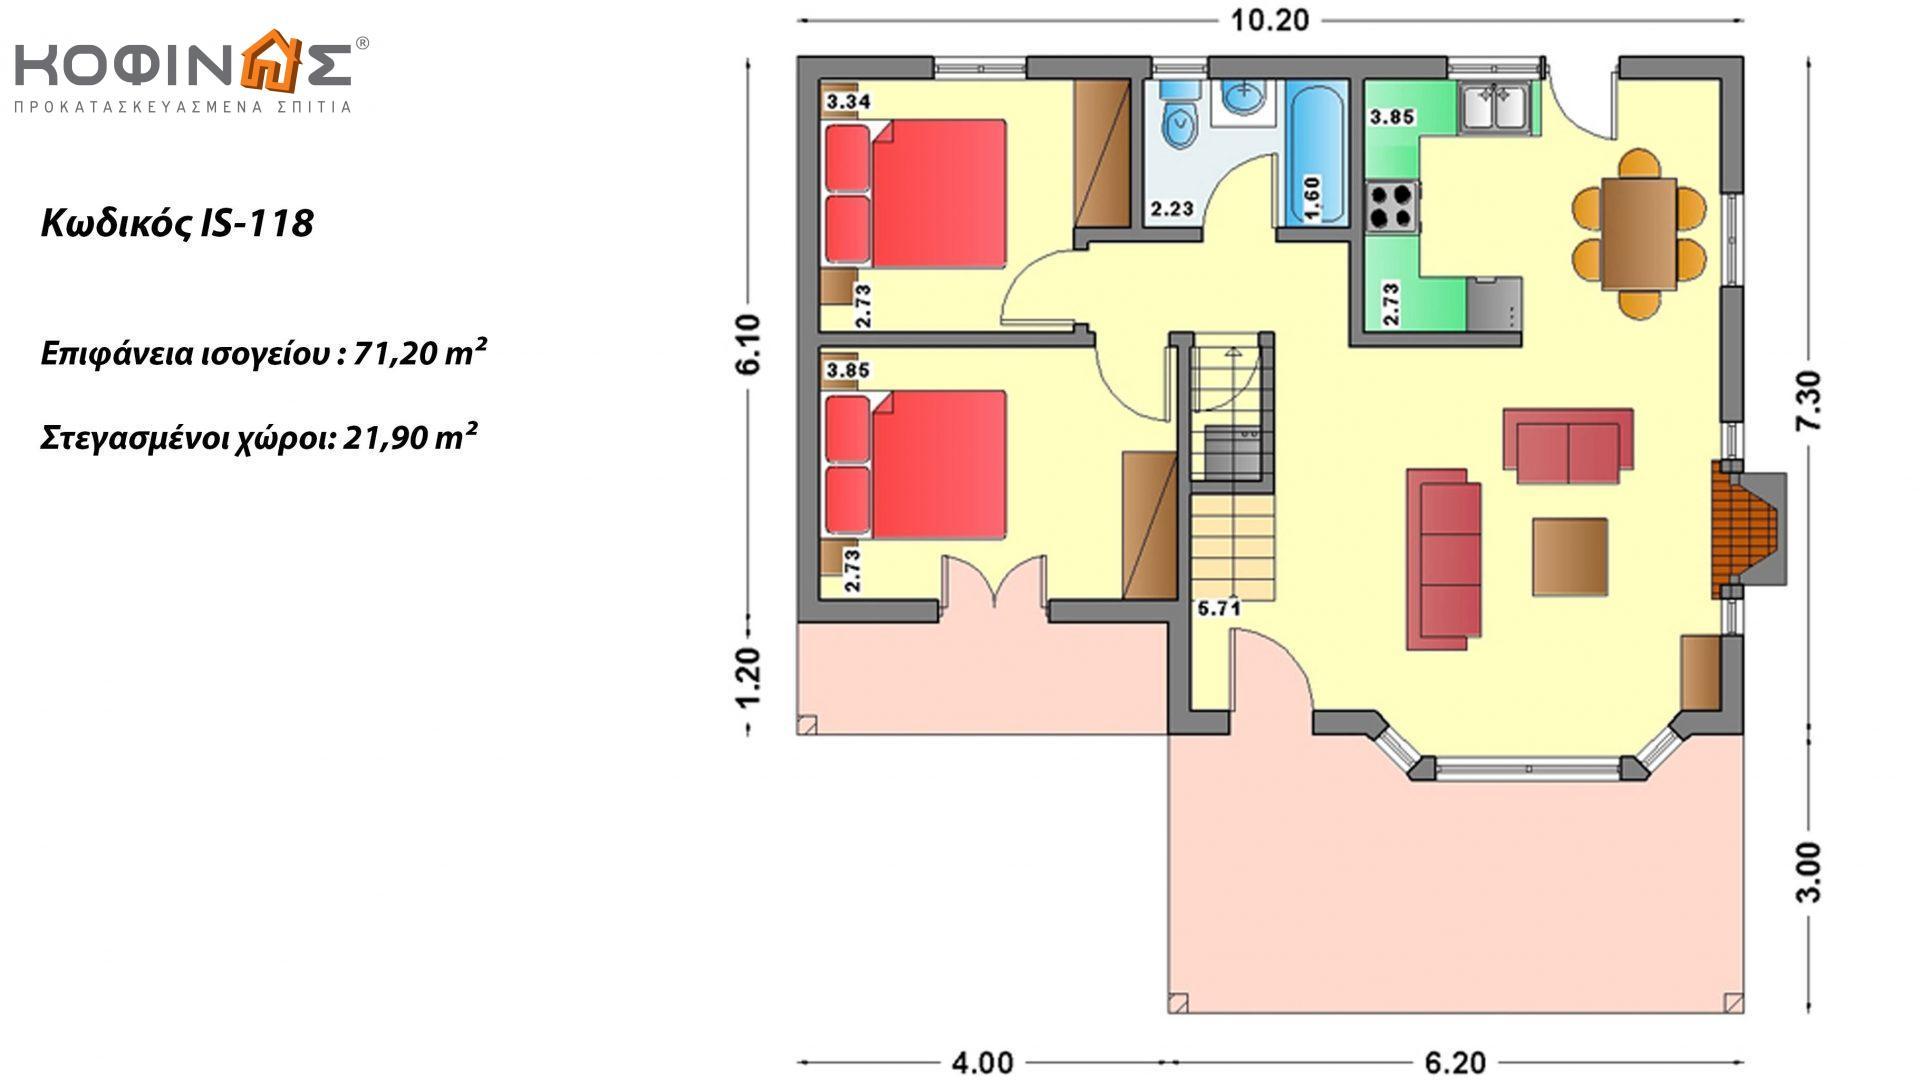 Ισόγεια Κατοικία με Σοφίτα IS-118, συνολικής επιφάνειας 118,20 τ.μ. ,συνολική επιφάνεια στεγασμένων χώρων 21,90 τ.μ.